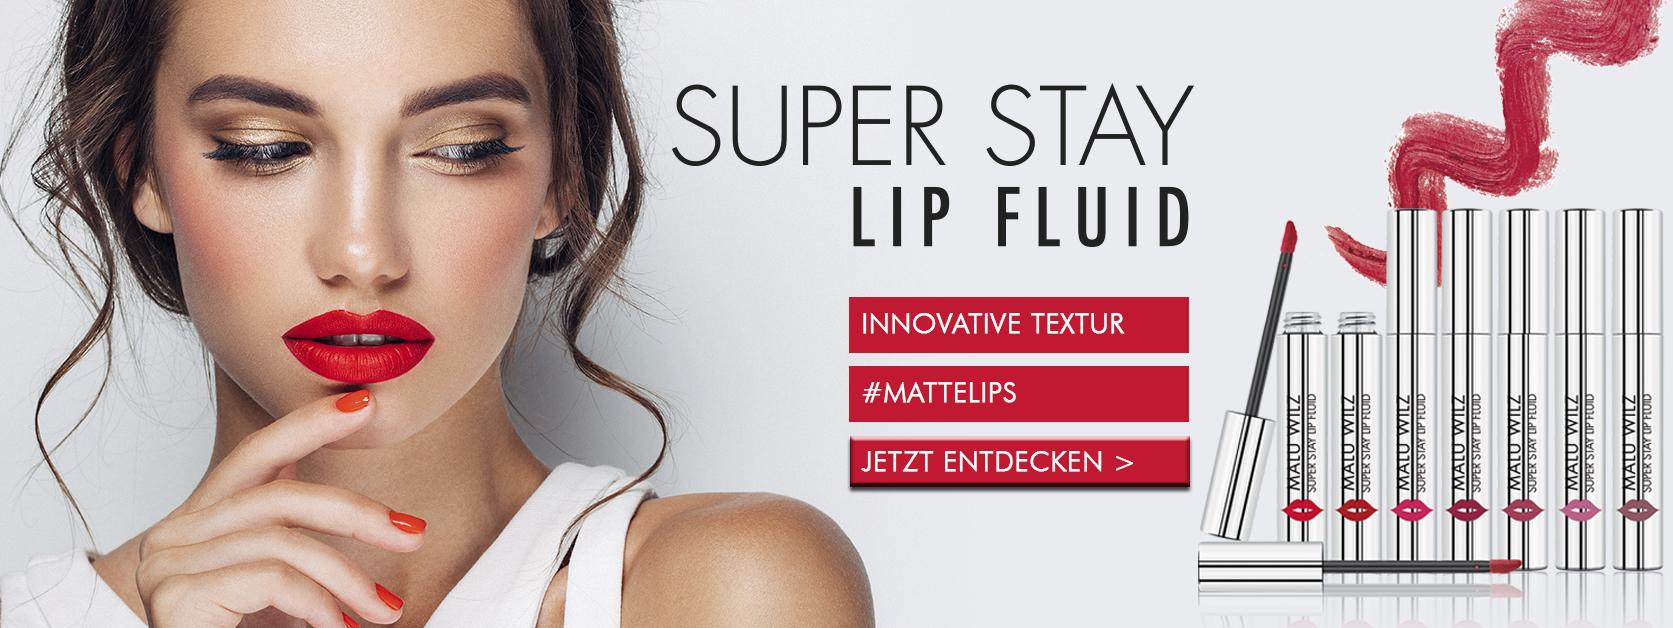 Frau mit intensiv roten Lippen